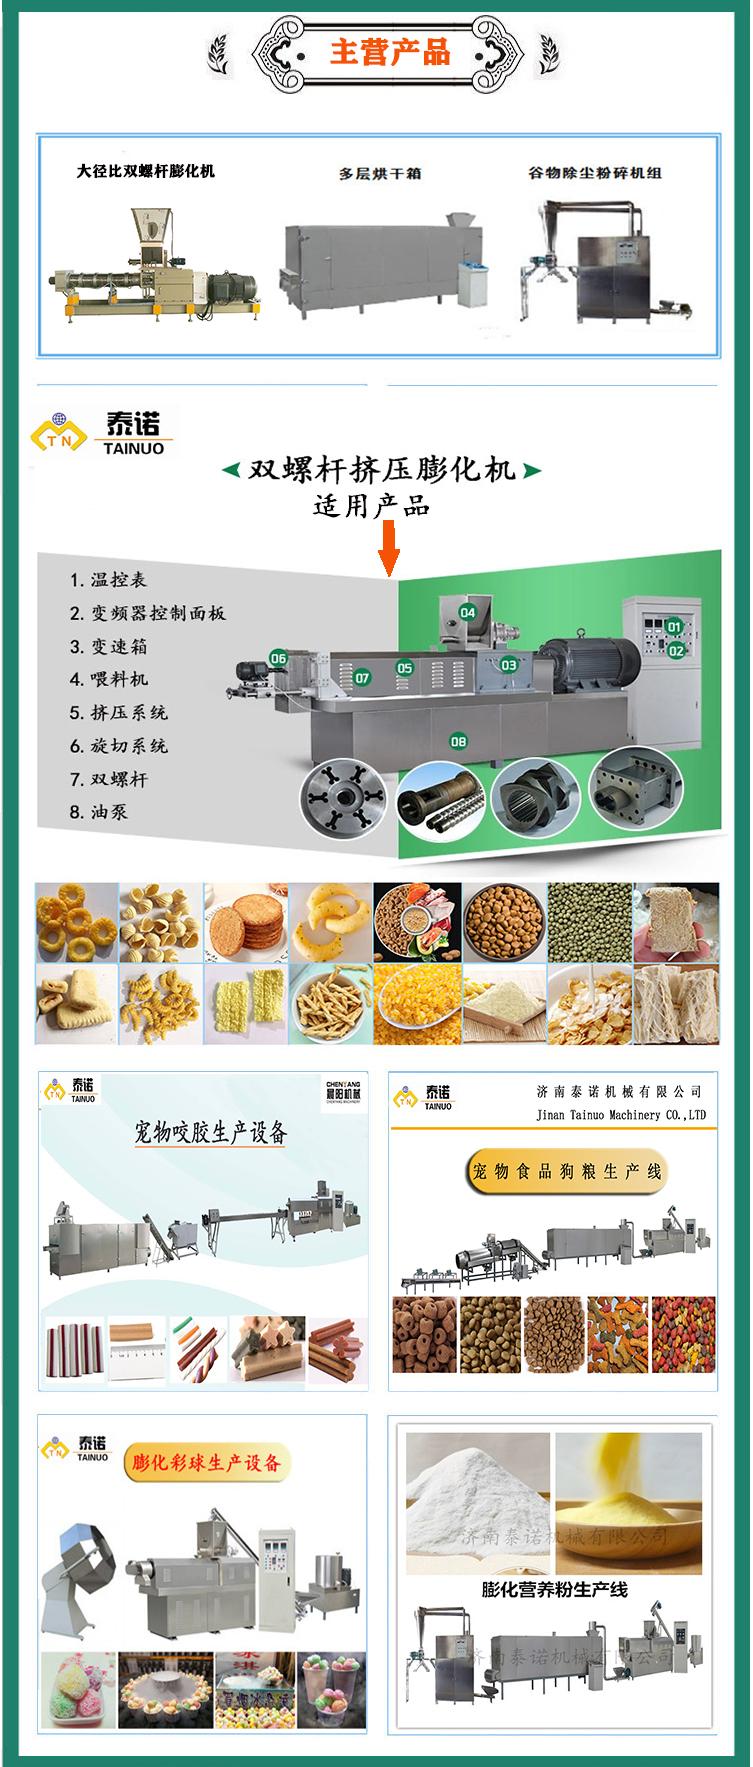 http://www.xiaoluxinxi.com/jixiegongye/588137.html